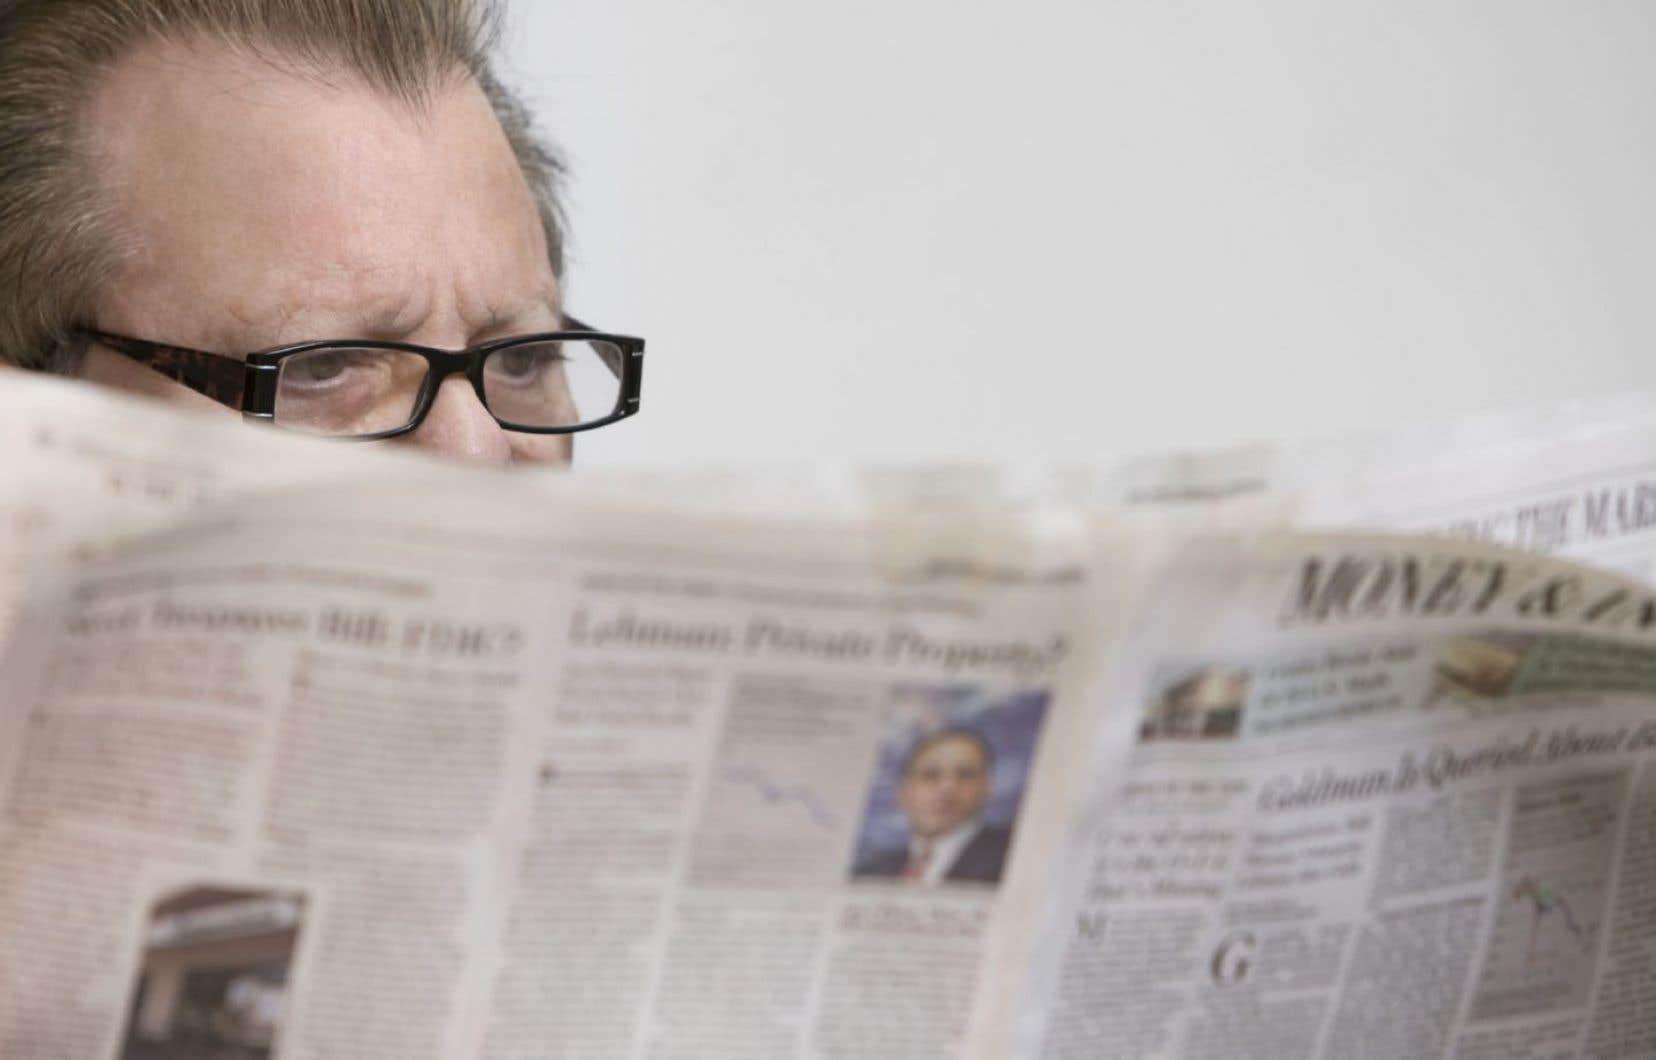 Le «Bay Guardian» de San Francisco est l'un des nombreux journaux américains qui ont mis fin à leurs activités.